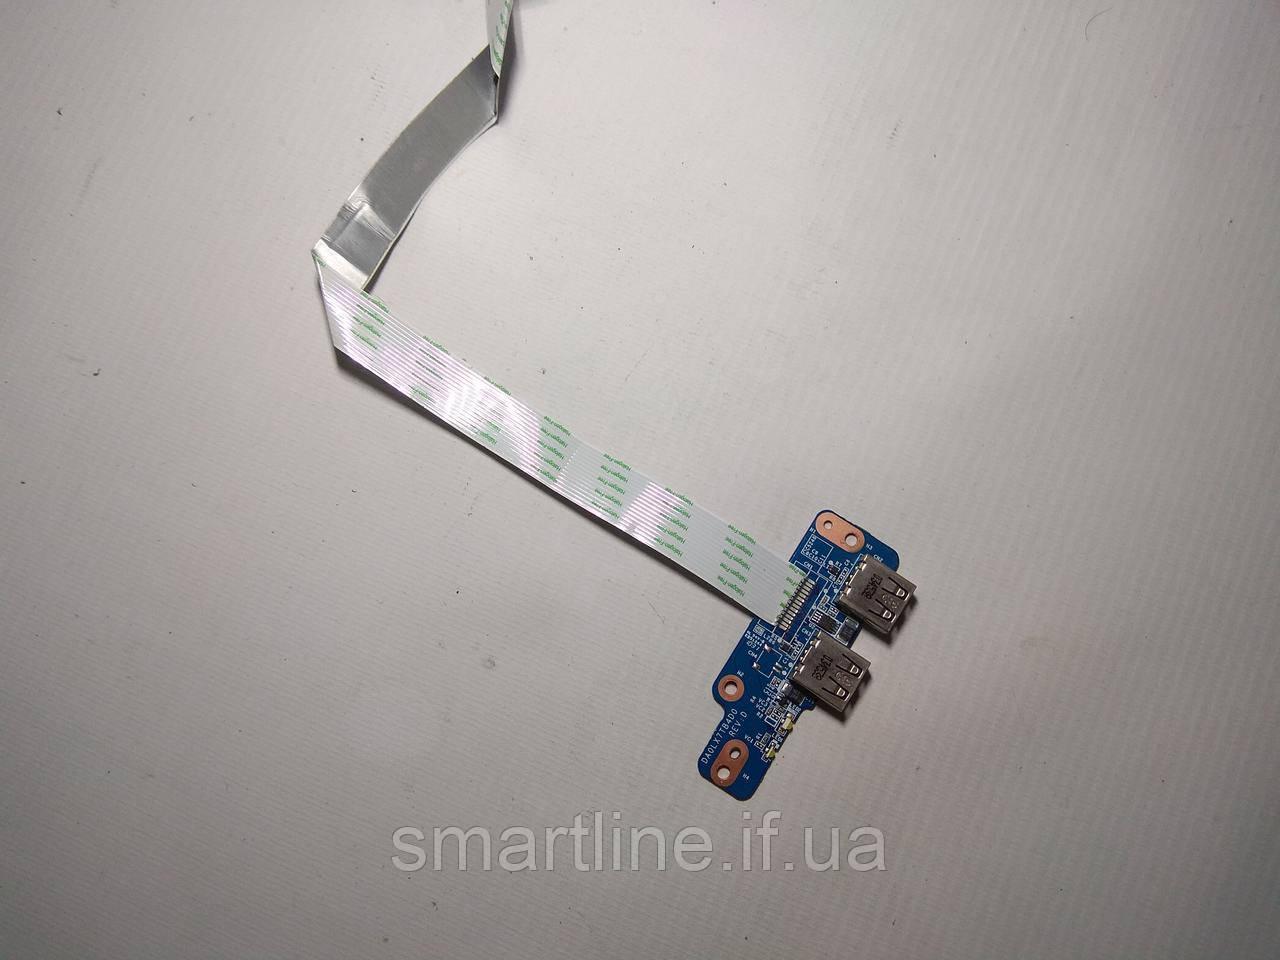 USB роз'єм для ноутбука HP pavilion dv7 4000 series, DA0LX7TB4D0